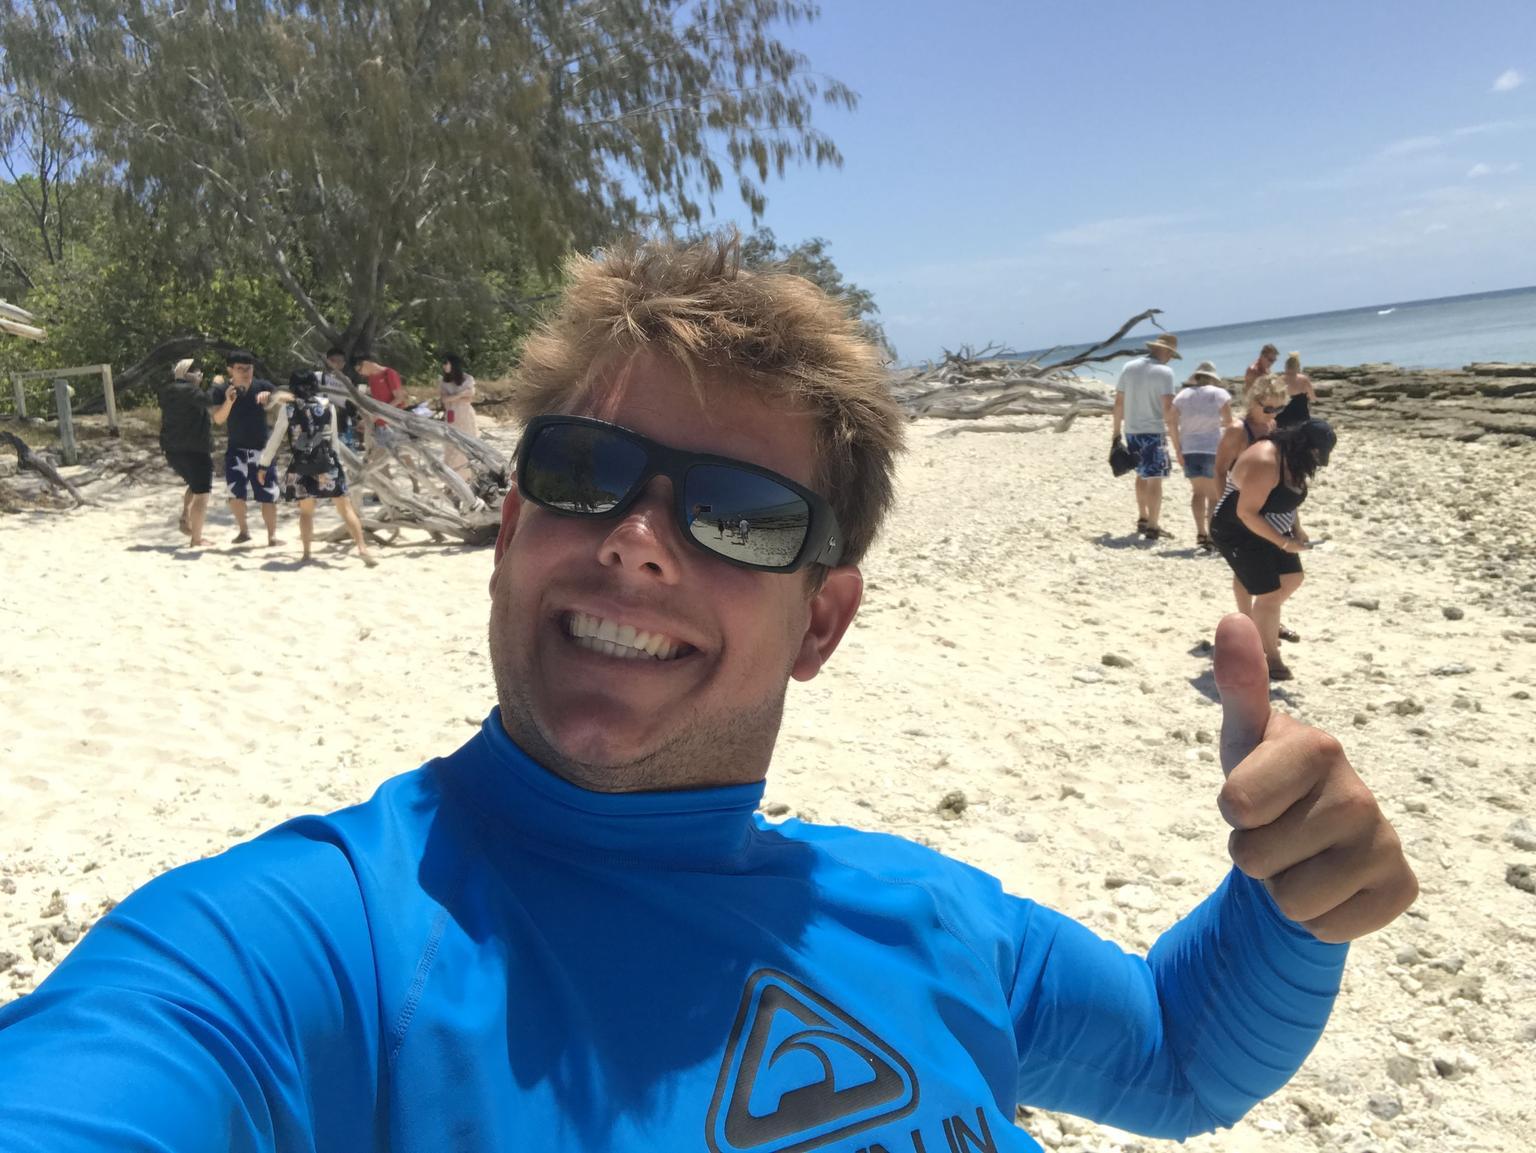 MÁS FOTOS, Recorrido de 5 días para visitar la isla de Fraser y la Gran Barrera de Coral